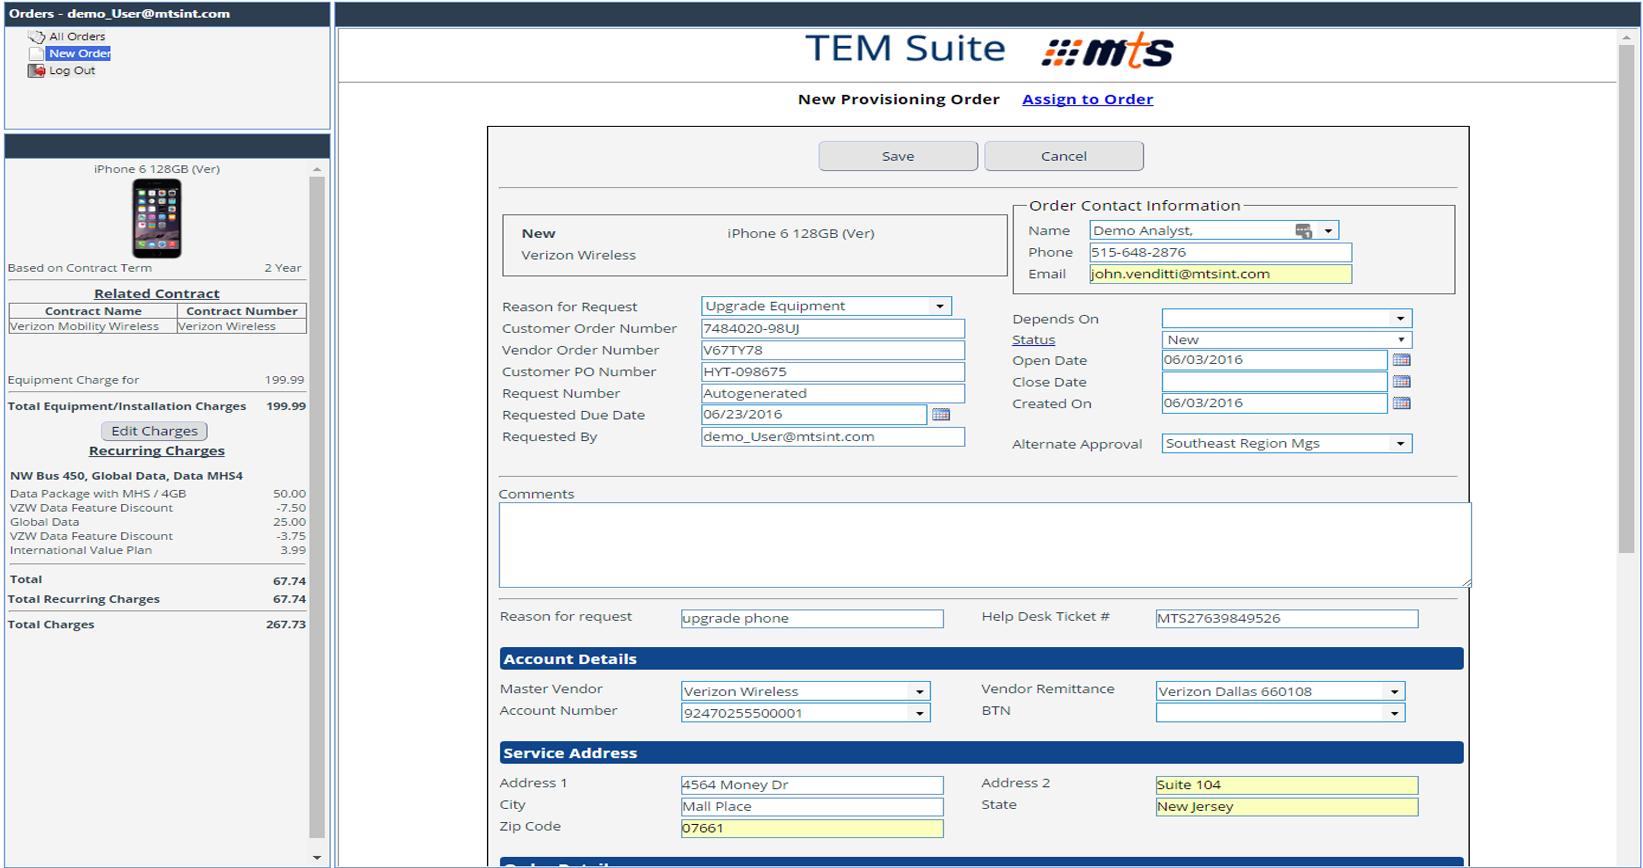 eXsight Software - Procurement management